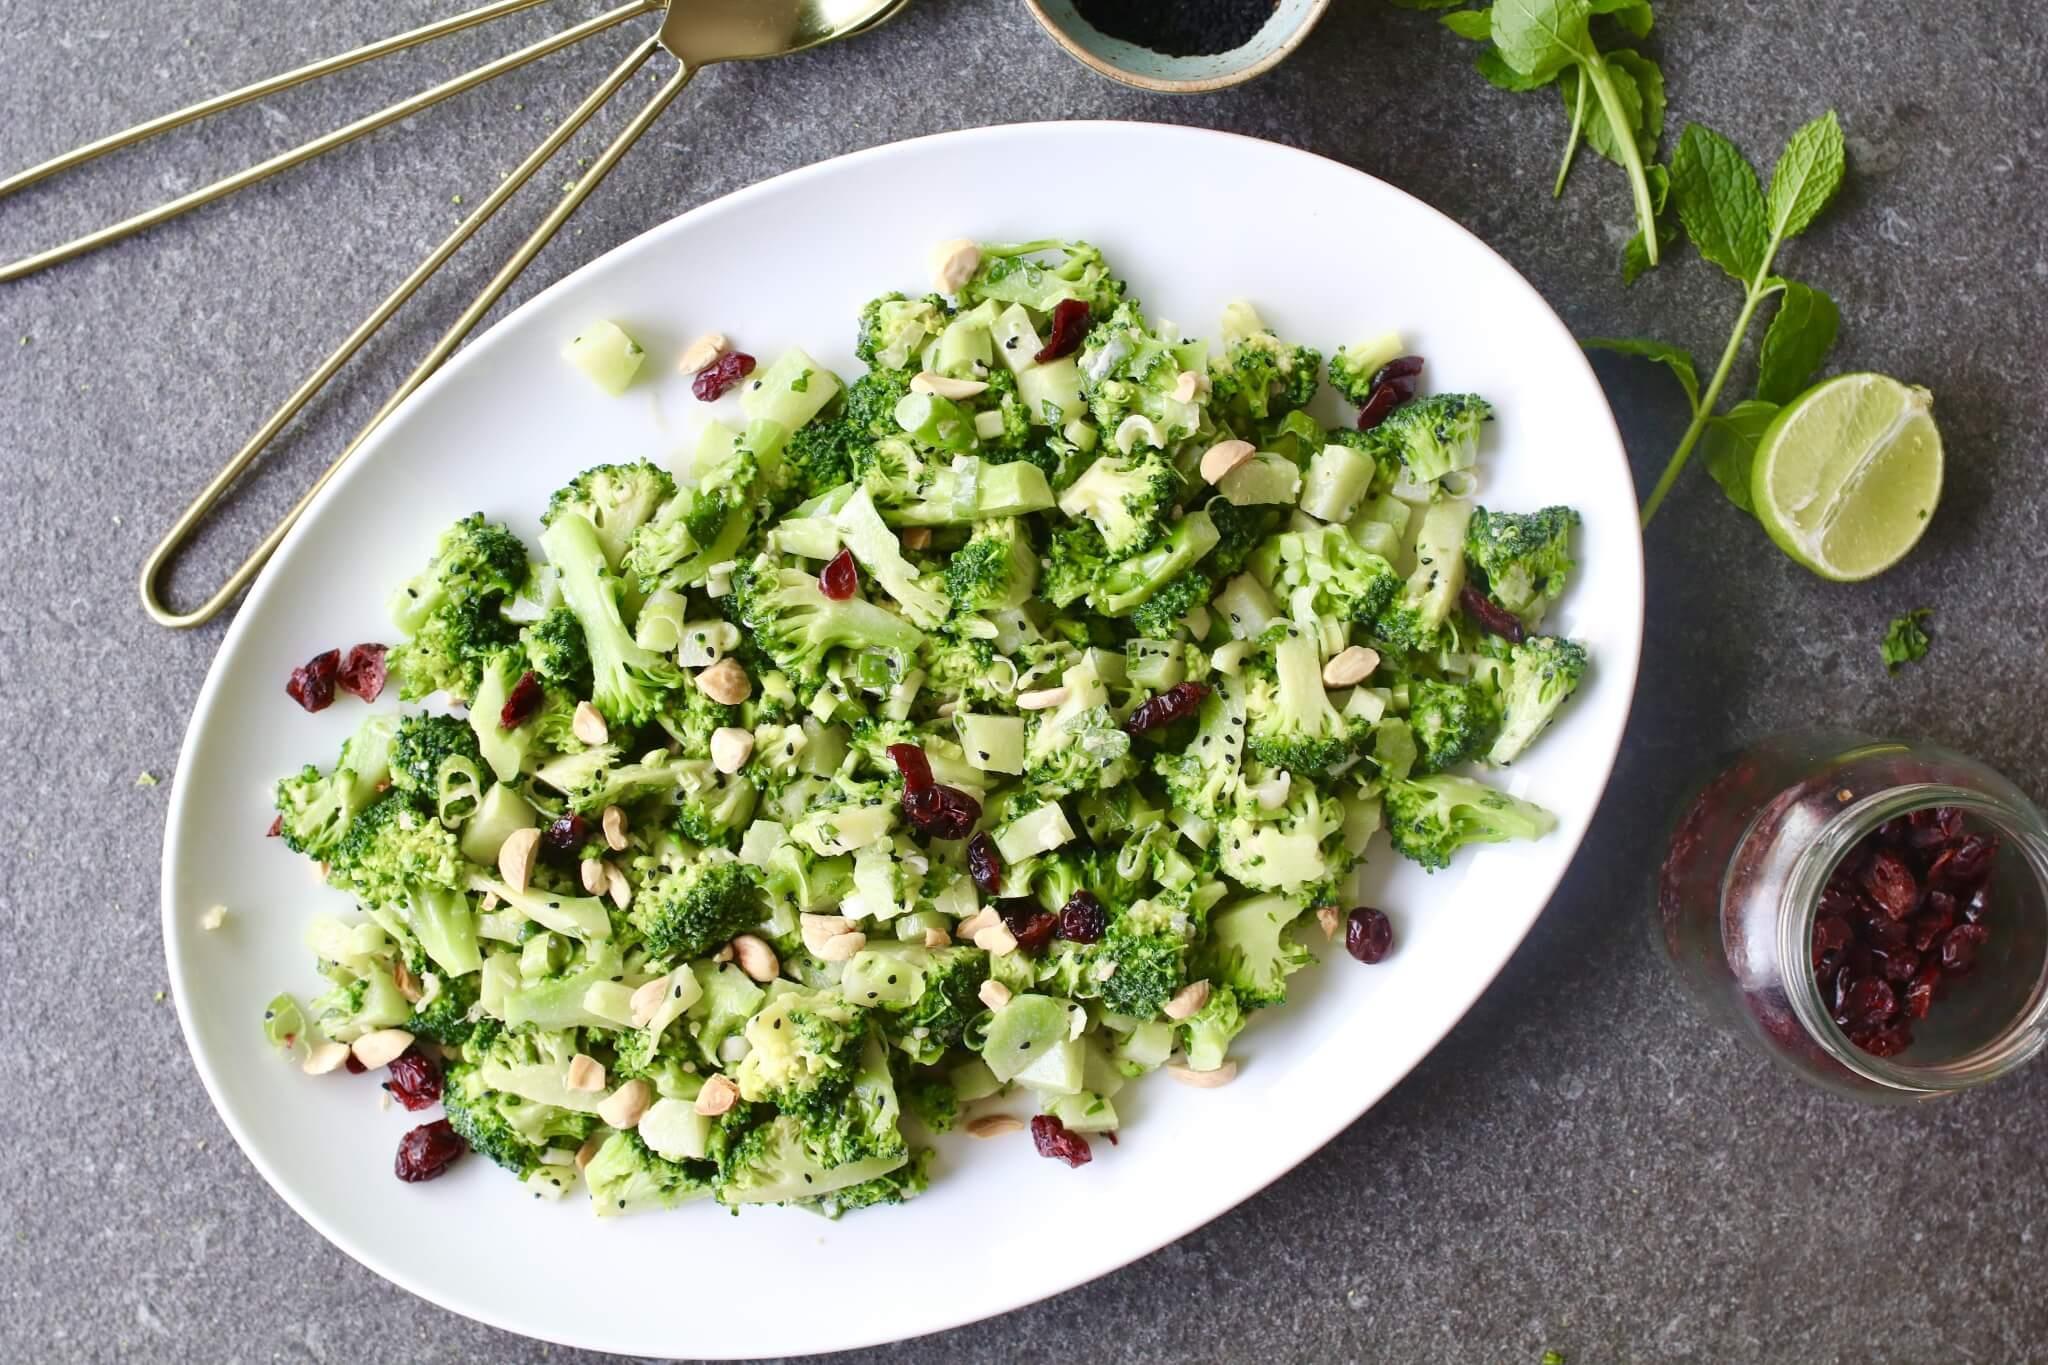 Aziatische broccolisalade met amandelen, Lunch salades, Gezonde salades, Gezonde foodblogs, Beaufood recepten, Lunchen zonder brood, Gezonde barbecue recepten, Glutenvrije foodblogs